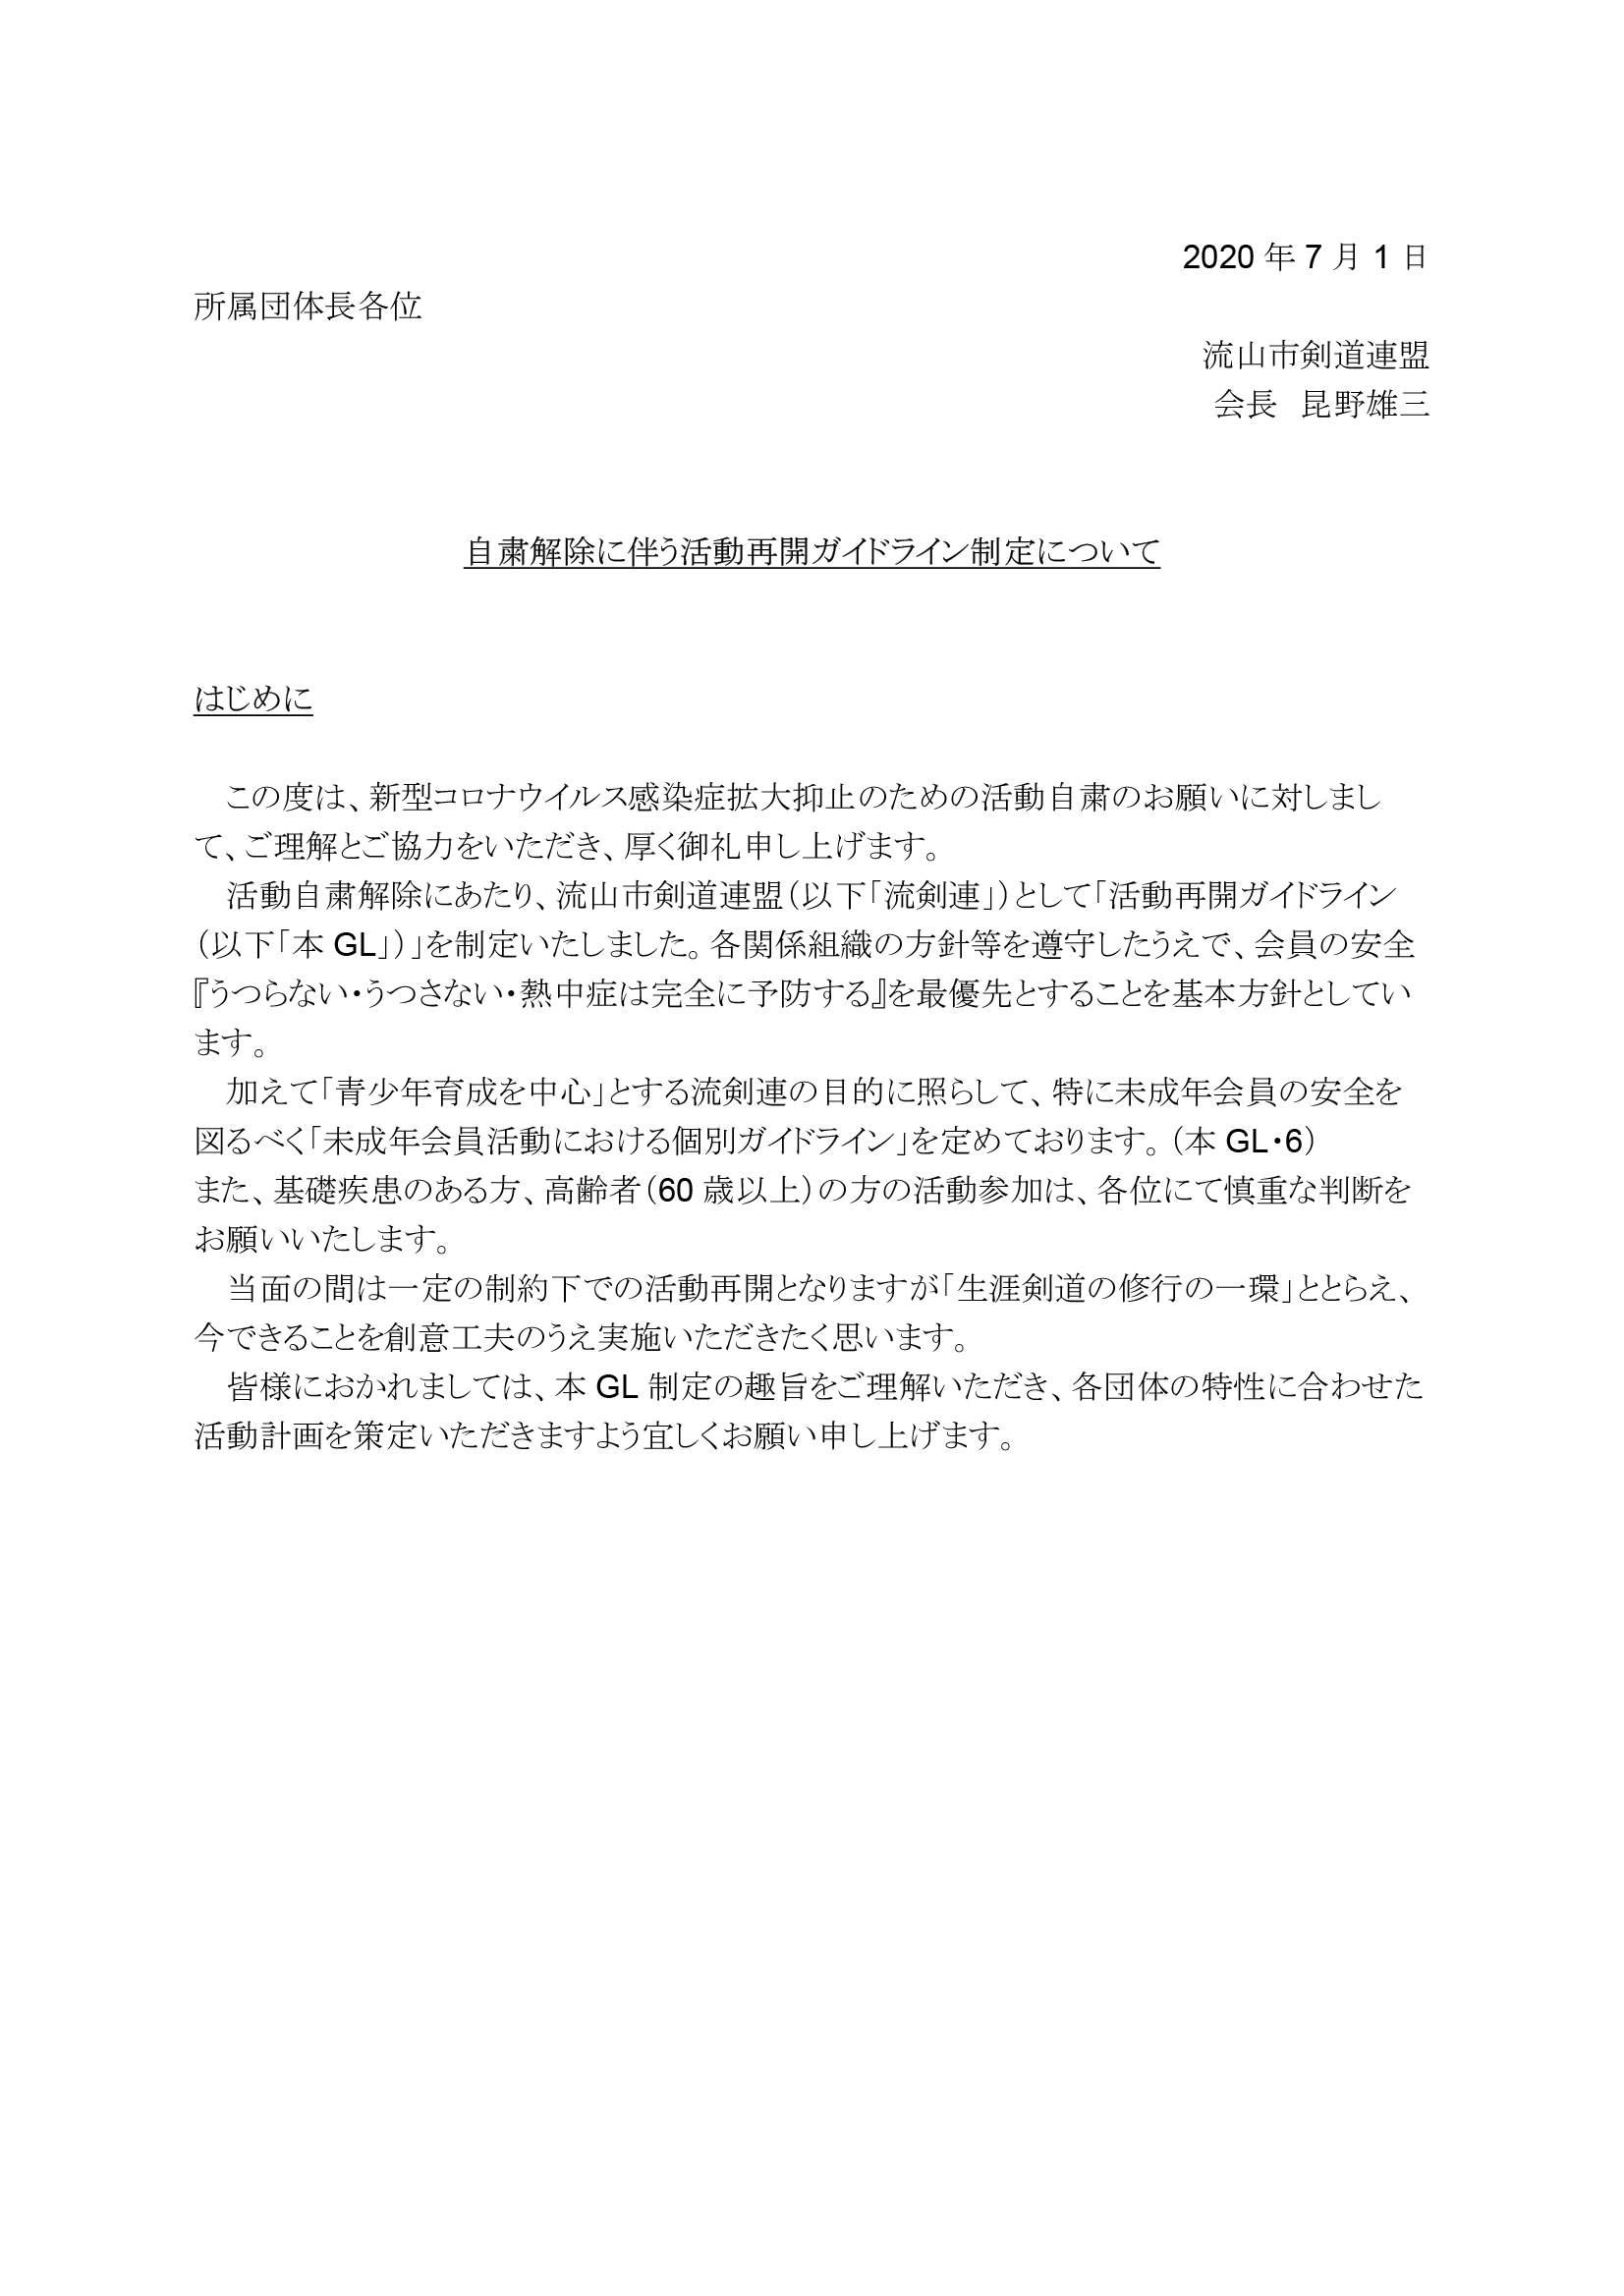 流剣連活動再開ガイドライン_0001